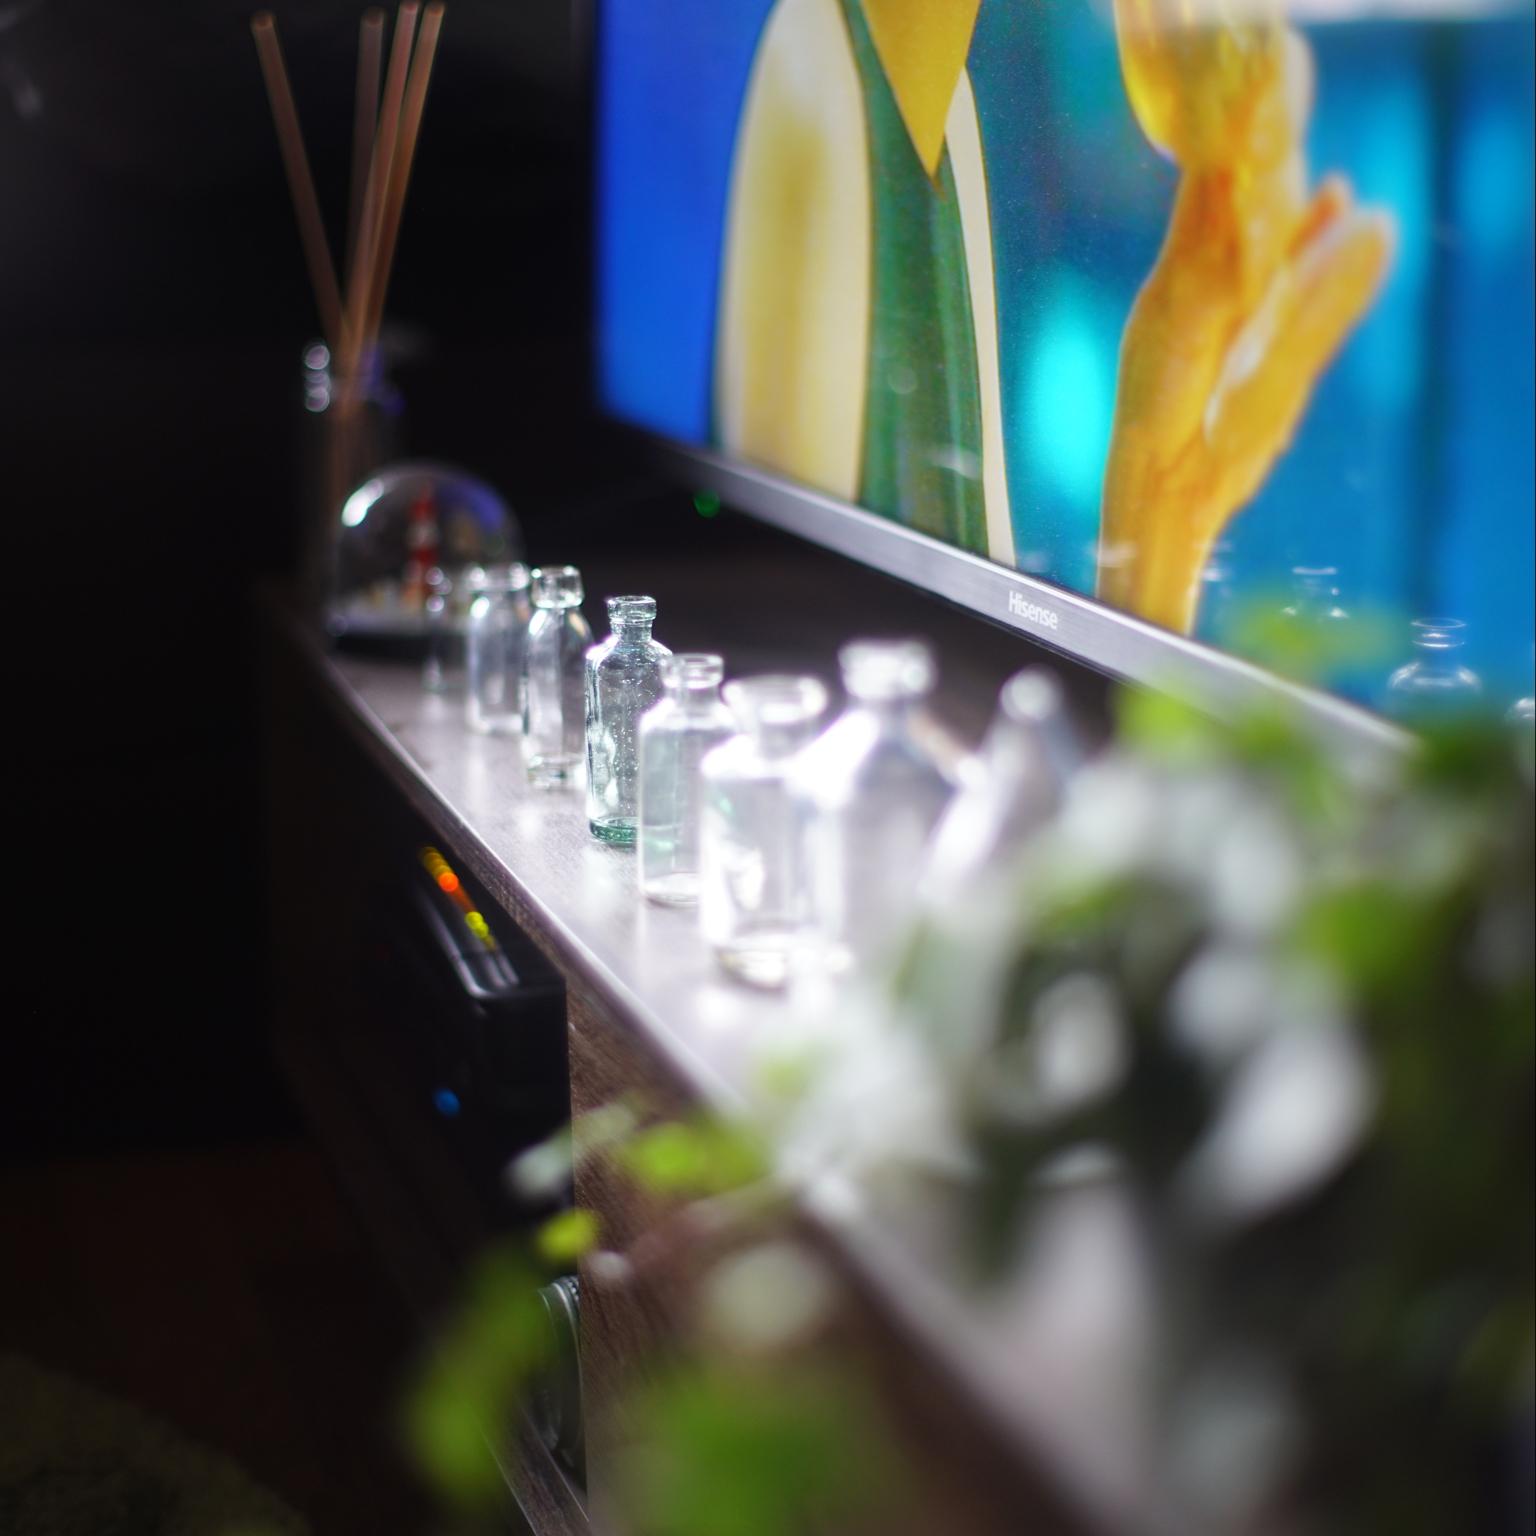 レトロガラス瓶/ワンルーム/一人暮らし/雑貨/レトロ...などのインテリア実例 - 2021-03-09 15:38:30